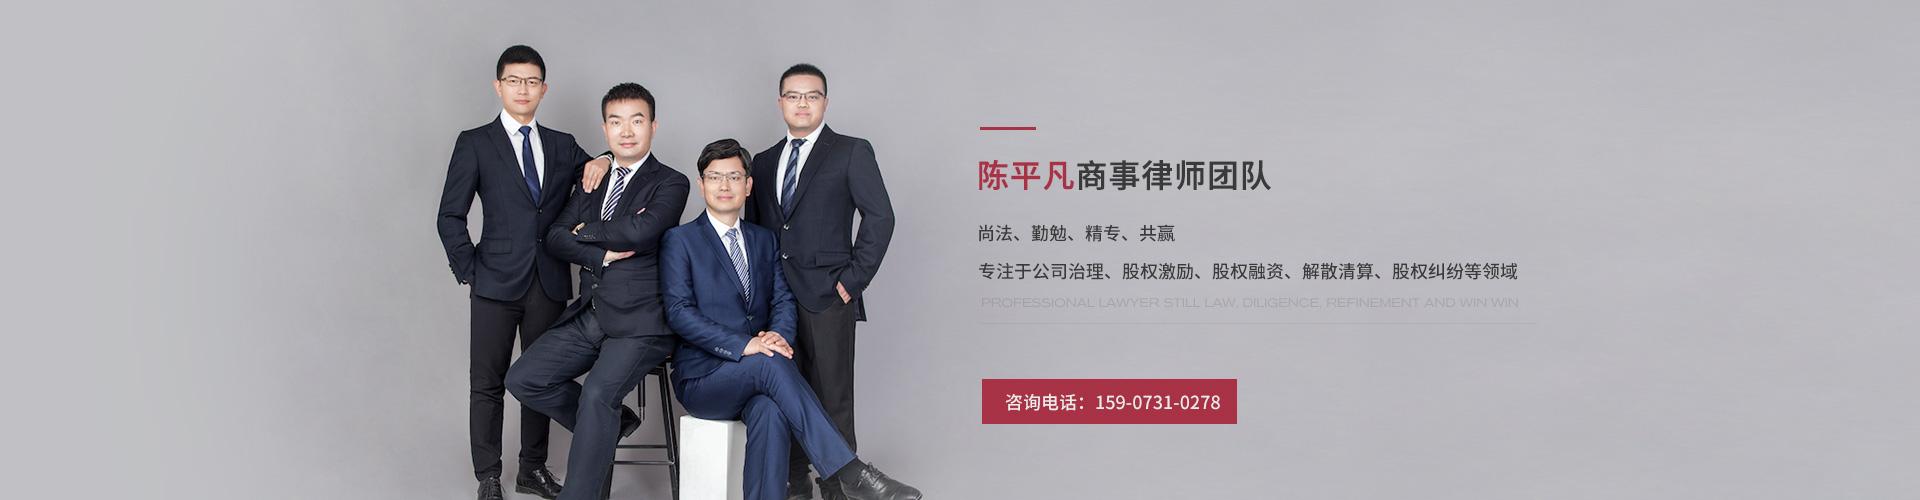 陈平凡商事律师团队